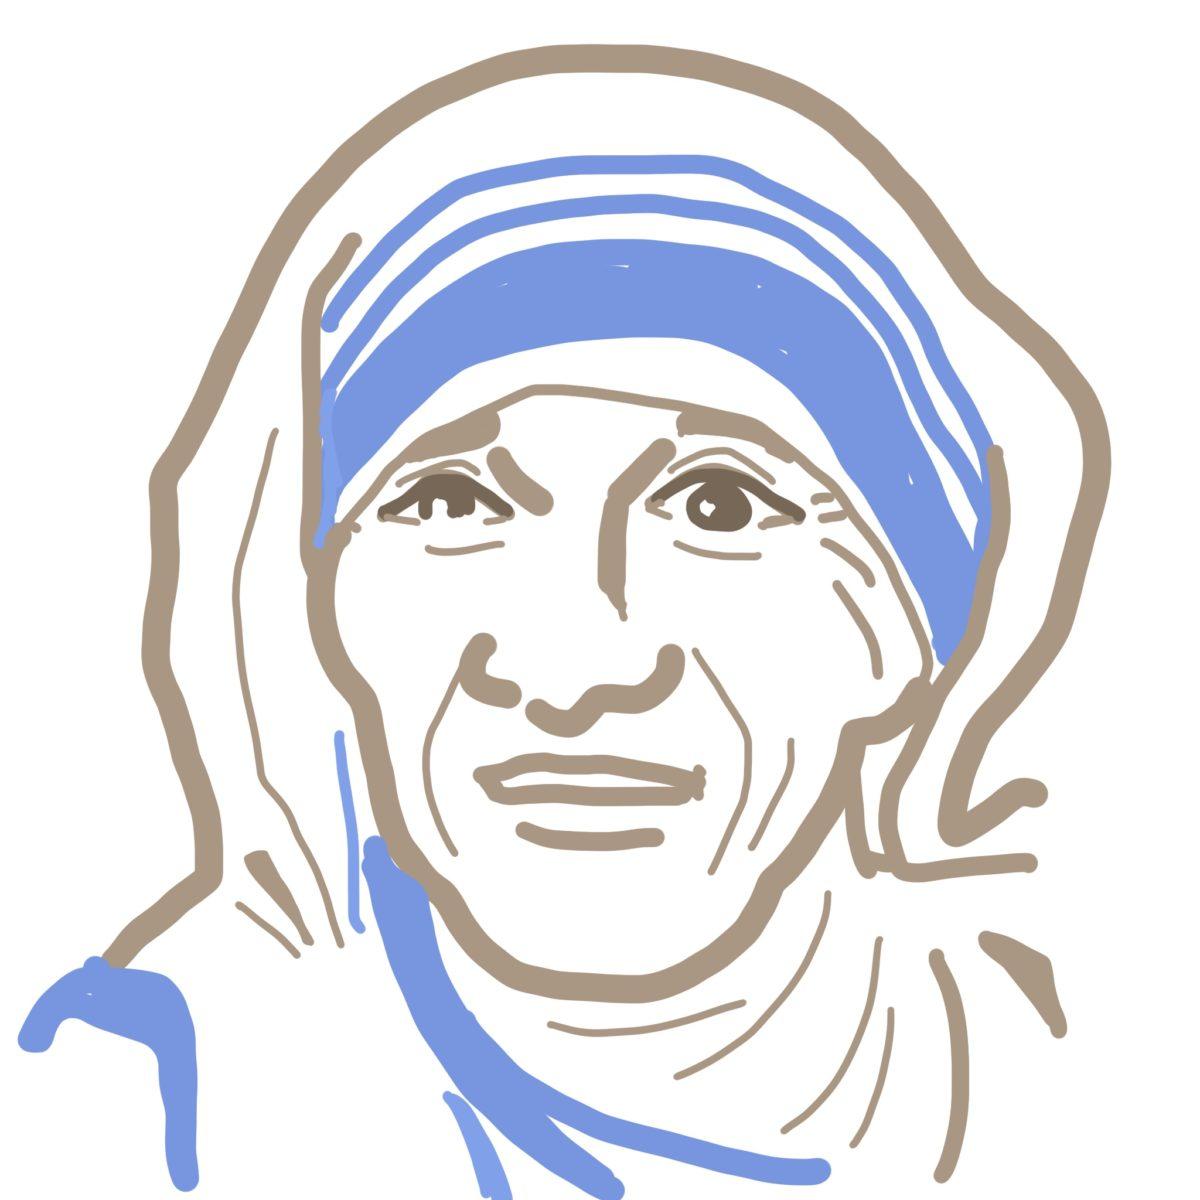 マザーテレサの宗教観「福祉を行なっているわけではありません」